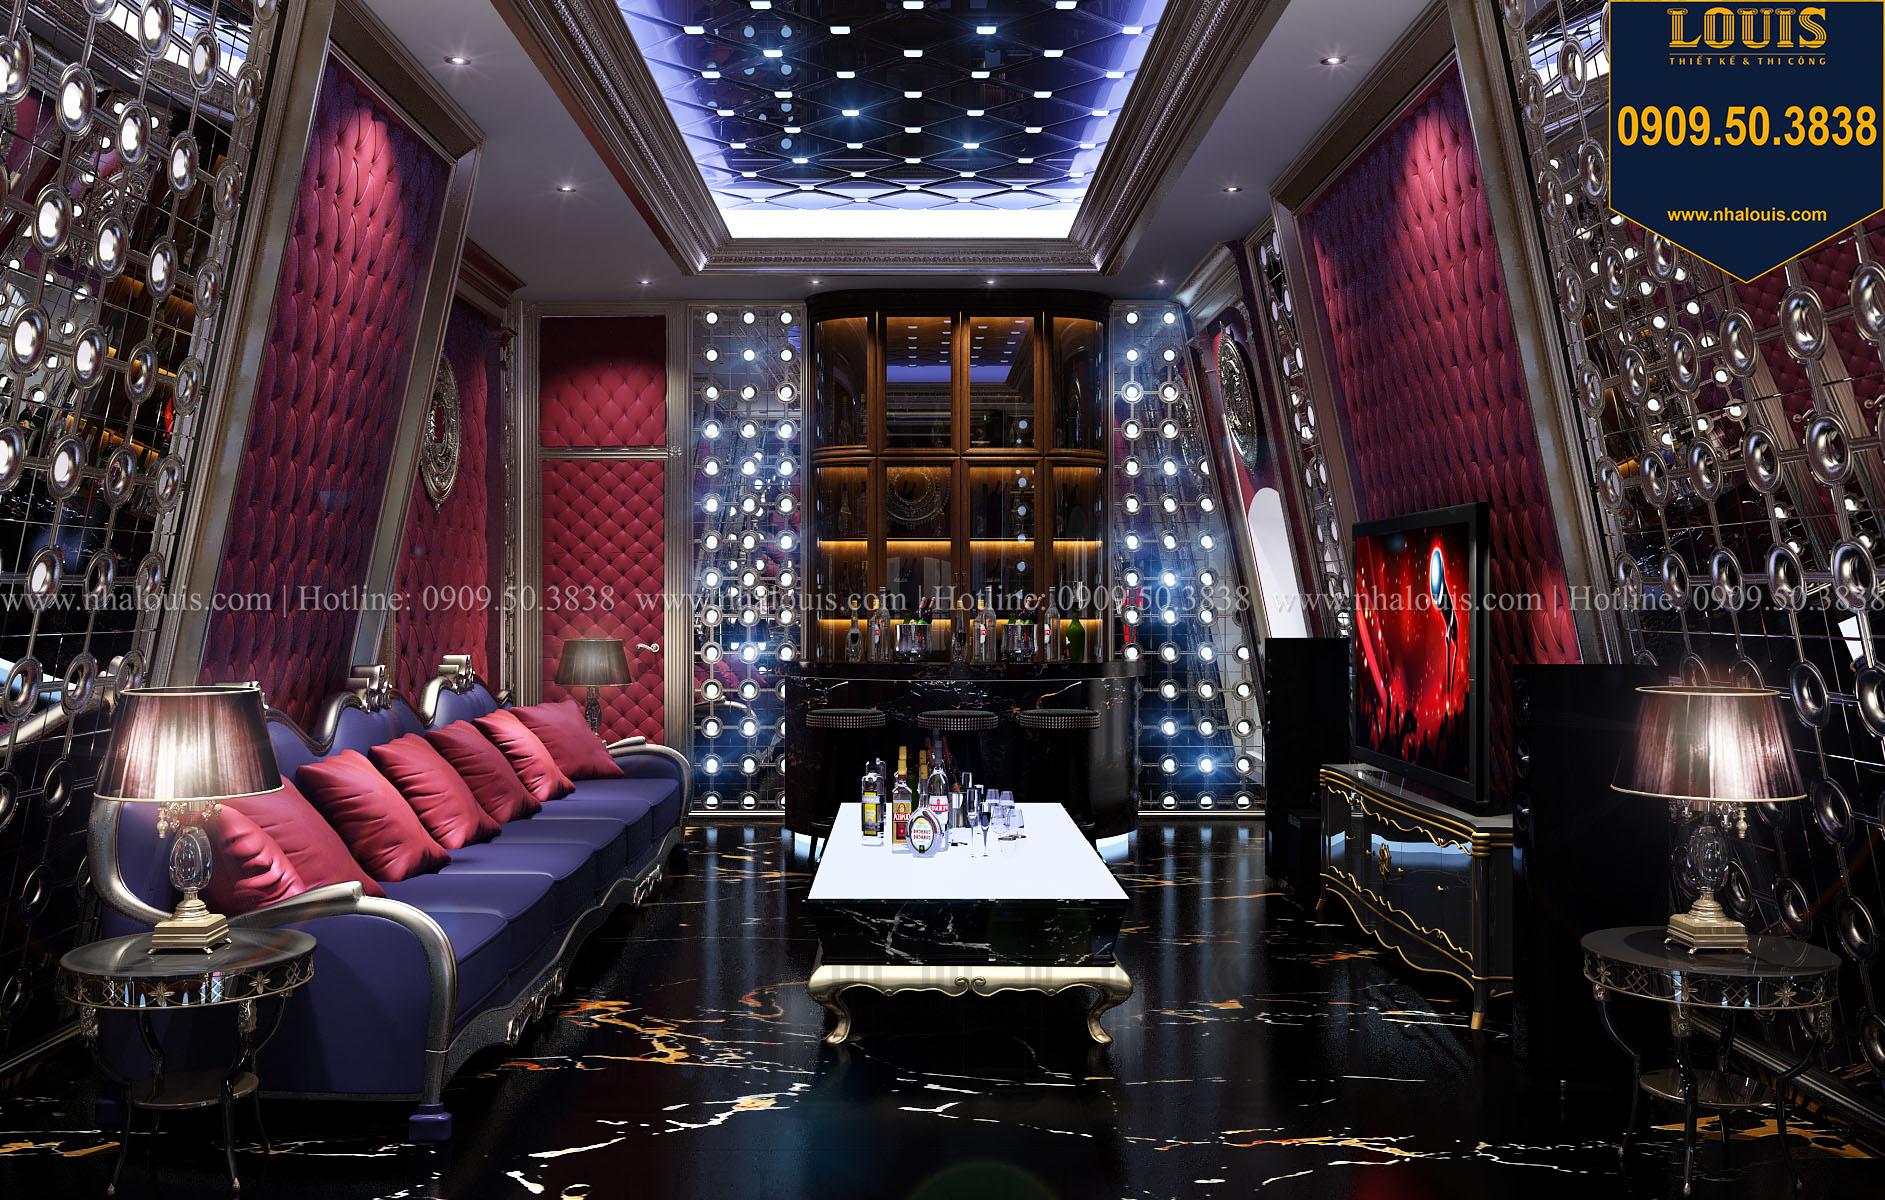 Phòng Karaoke Biệt thự Châu Âu cổ điển chuẩn sang chảnh tại Nhà Bè - 030